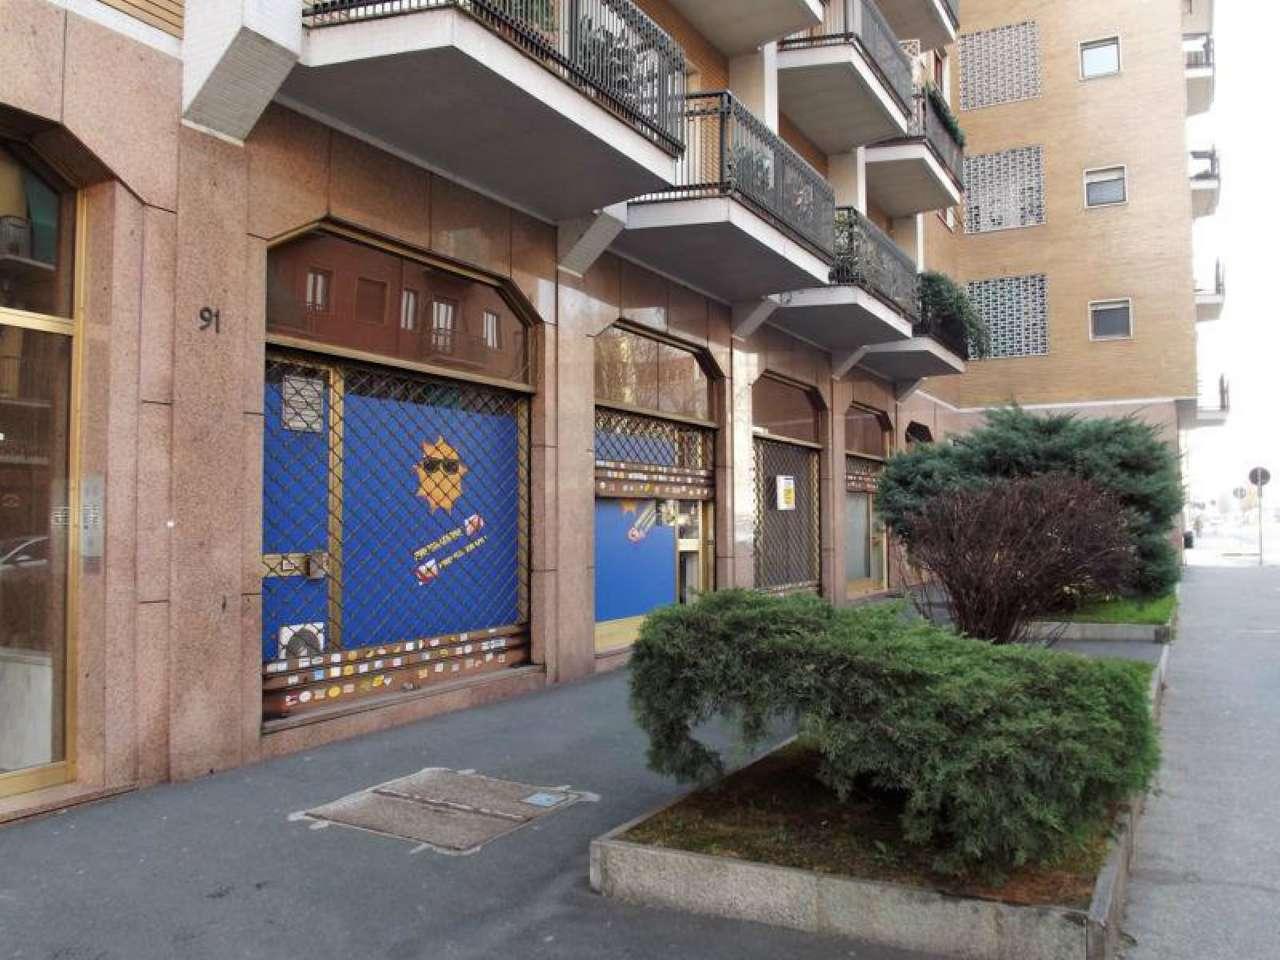 Negozio in vendita Zona Cit Turin, San Donato, Campidoglio - via GIACOMO MEDICI Torino